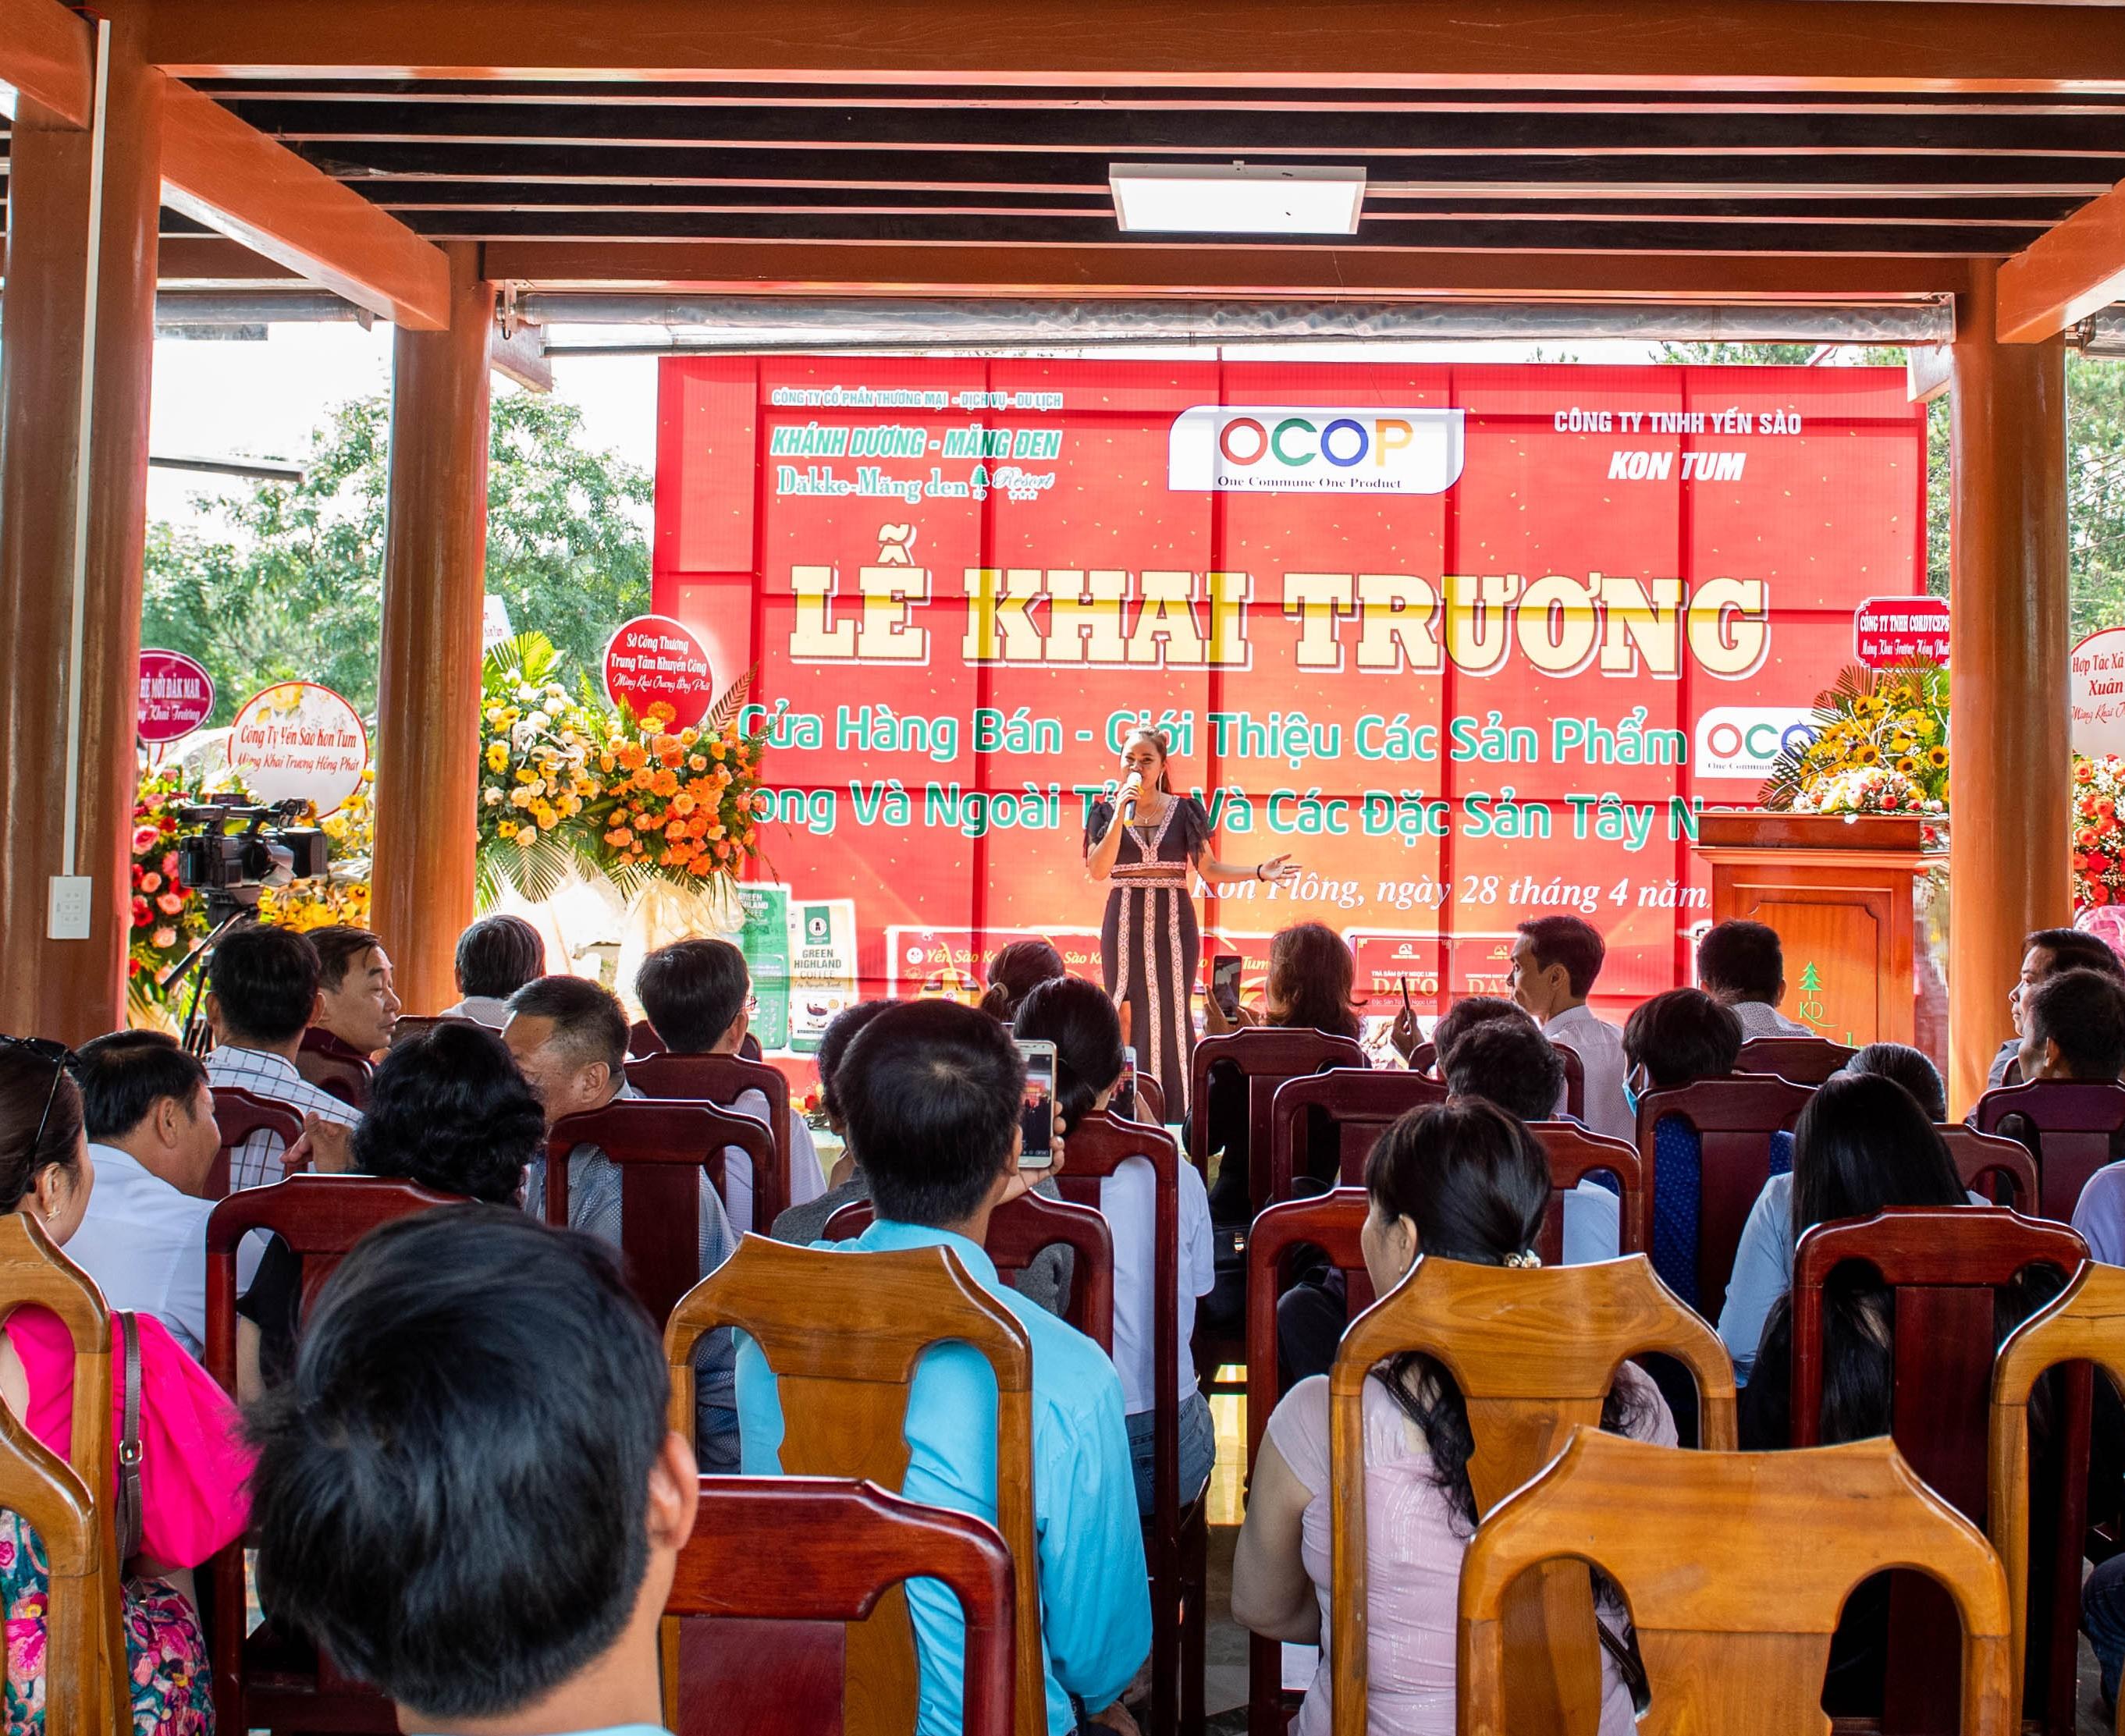 Khai trương cửa hàng bán, giới thiệu sản phẩm OCOP và đặc sản Tây Nguyên tại huyện Kon Plông